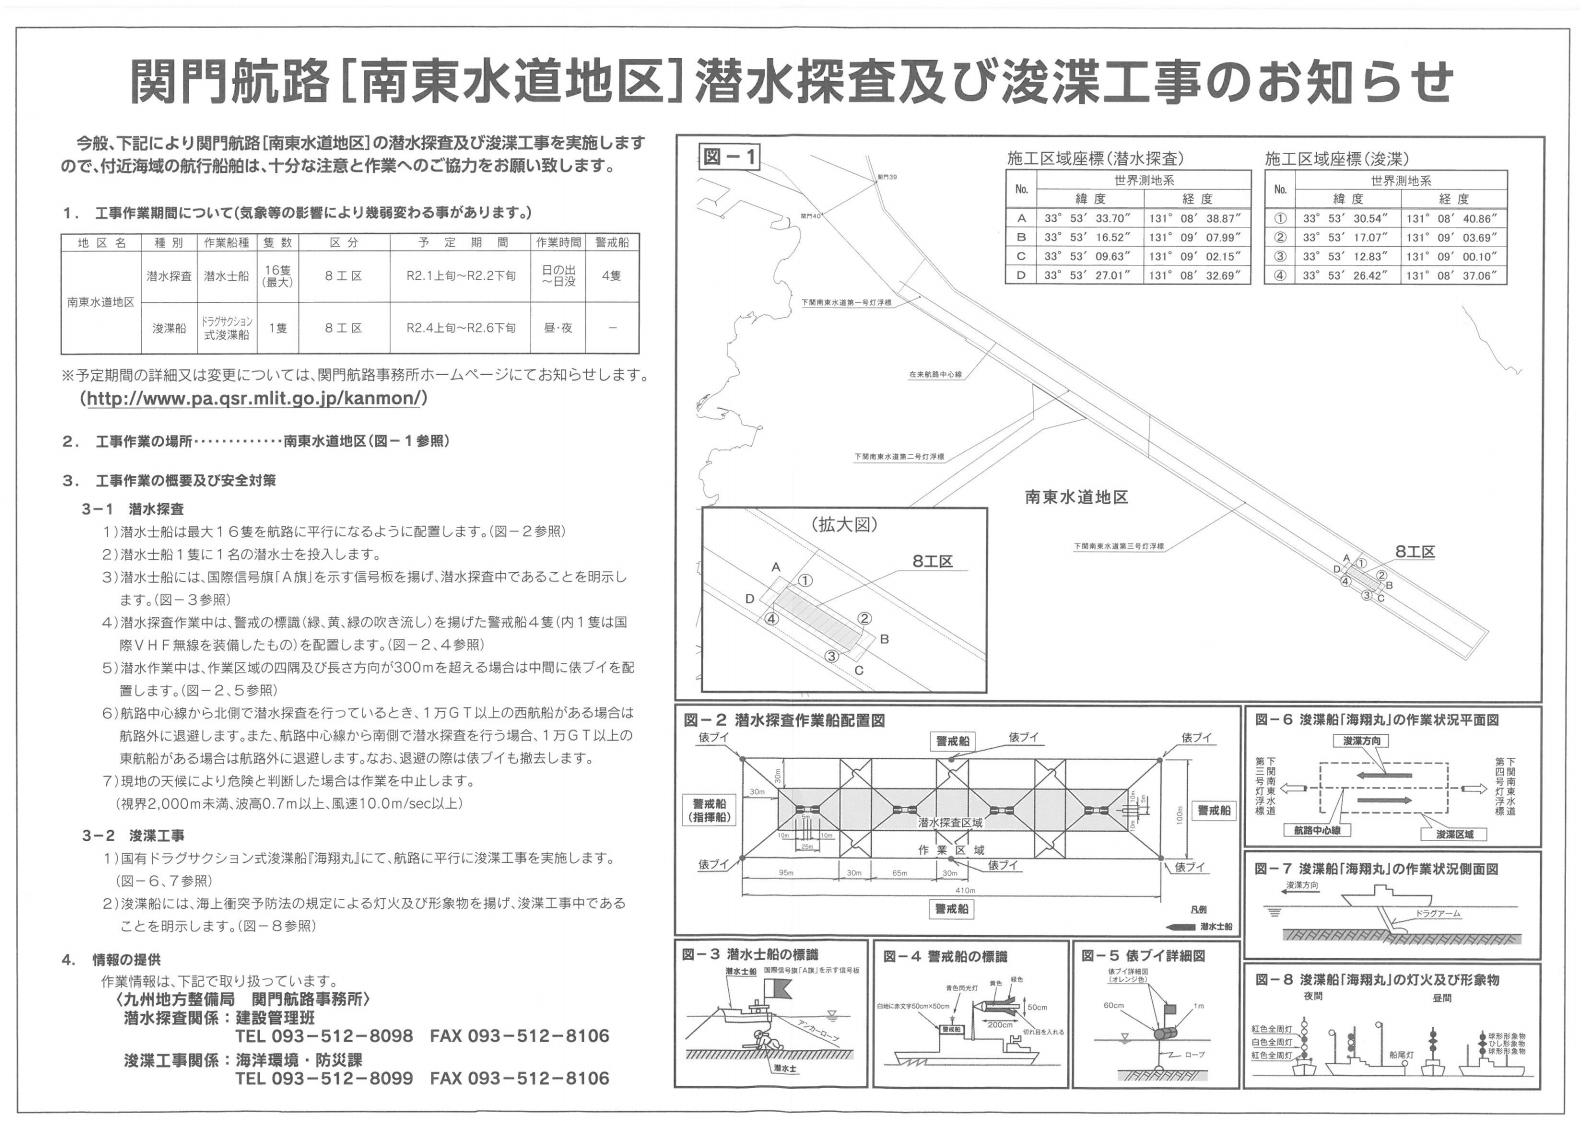 関門航路[南東水道地区]における浚渫工事等のお知らせ[2]